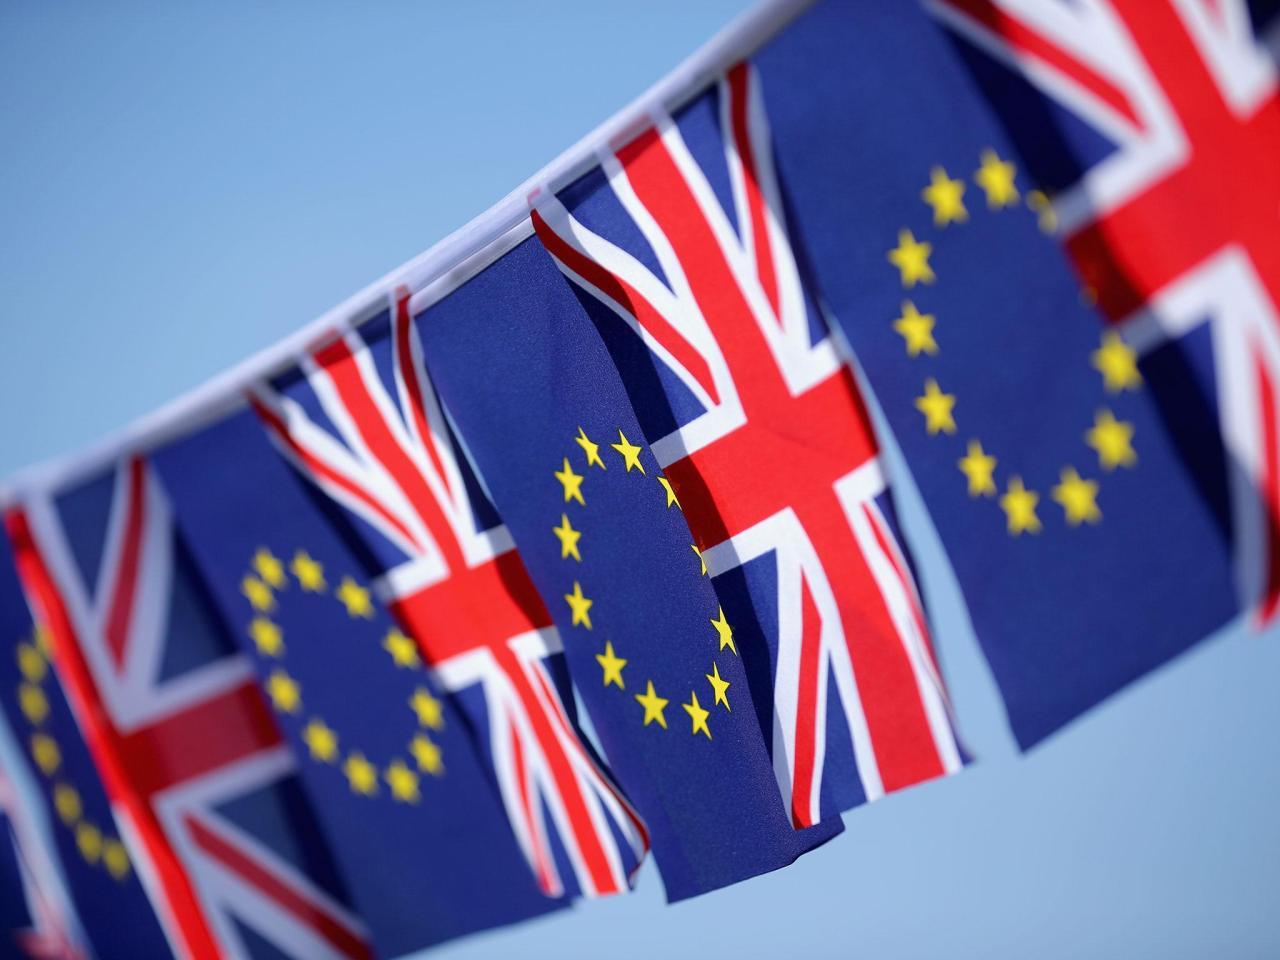 Artículo sobre cómo el mundo de la danza en Reino Unido podría verse afectado por el resultado del referendum sobre la salida de Reino Unido de la Unión Europea, y a lainversa